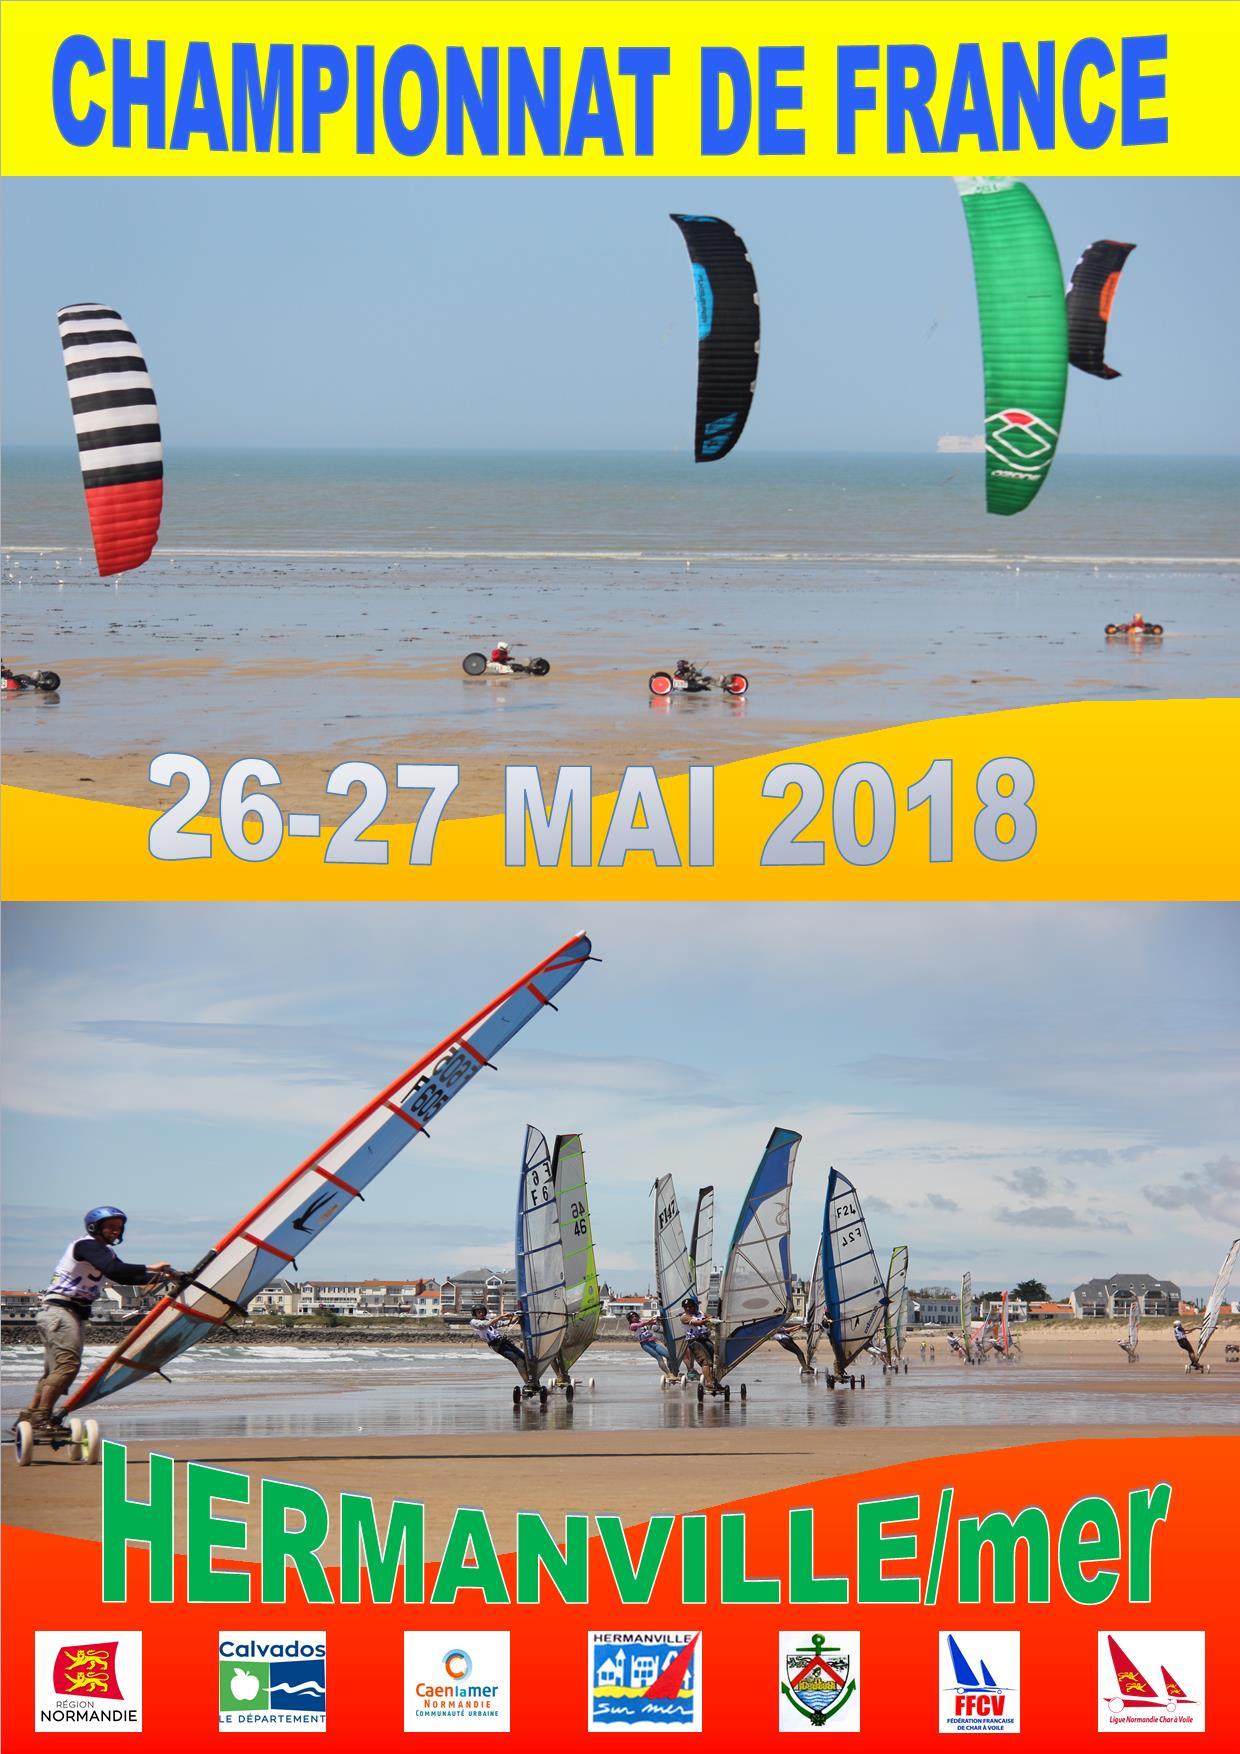 FINALE DU CHAMPIONNAT DE FRANCE - CLASSE 7 ET CLASSE 8 - 26 ET 27 MAI 2018